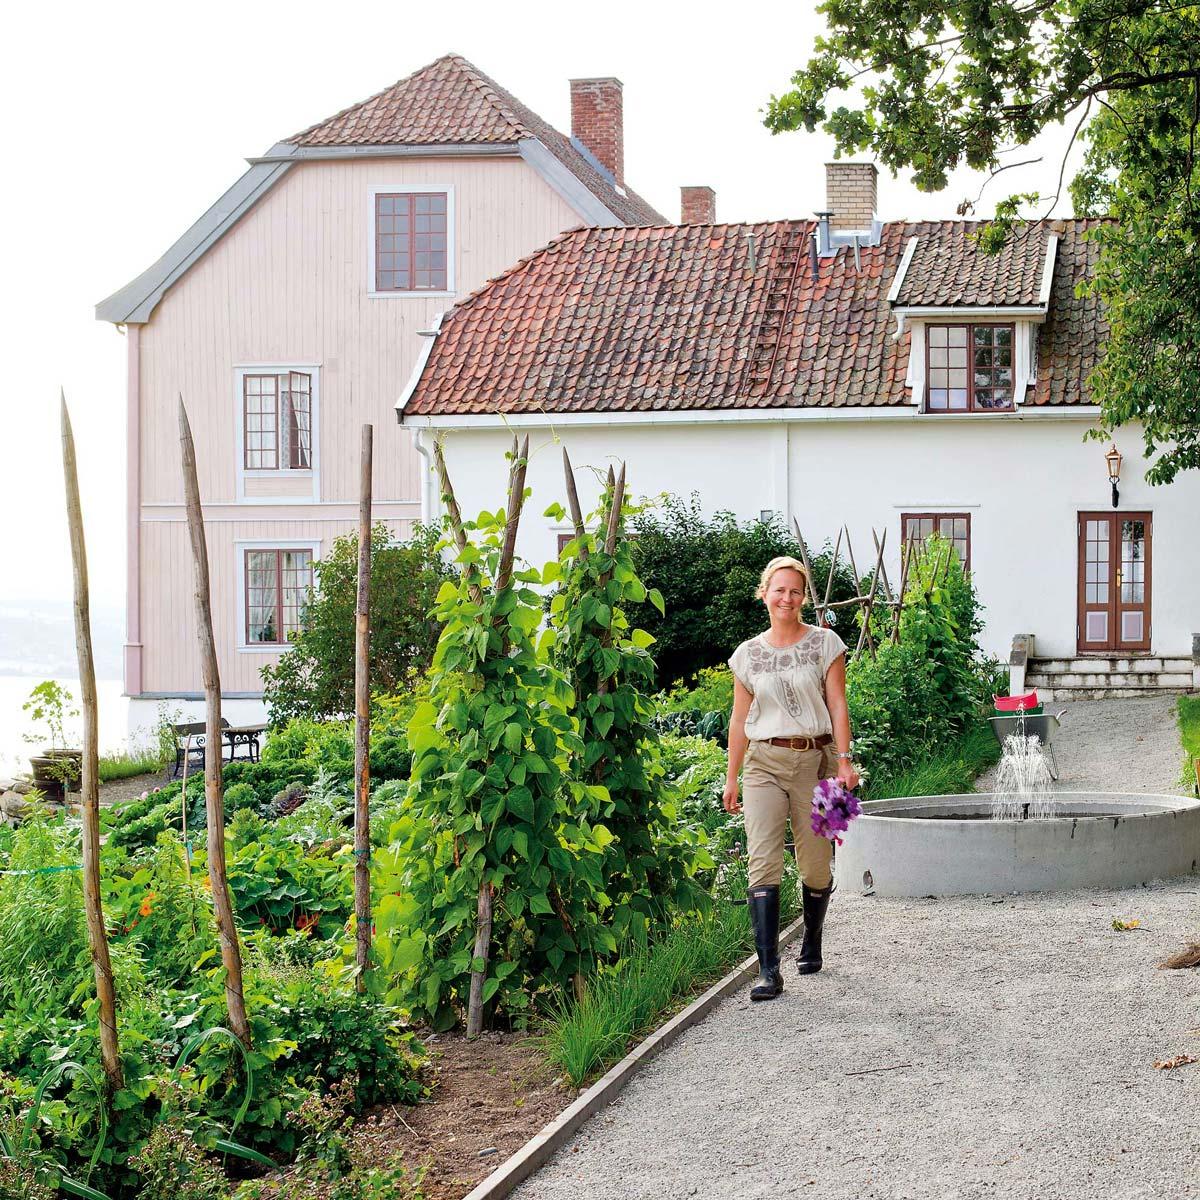 Hovelsrud Gård - Hagen